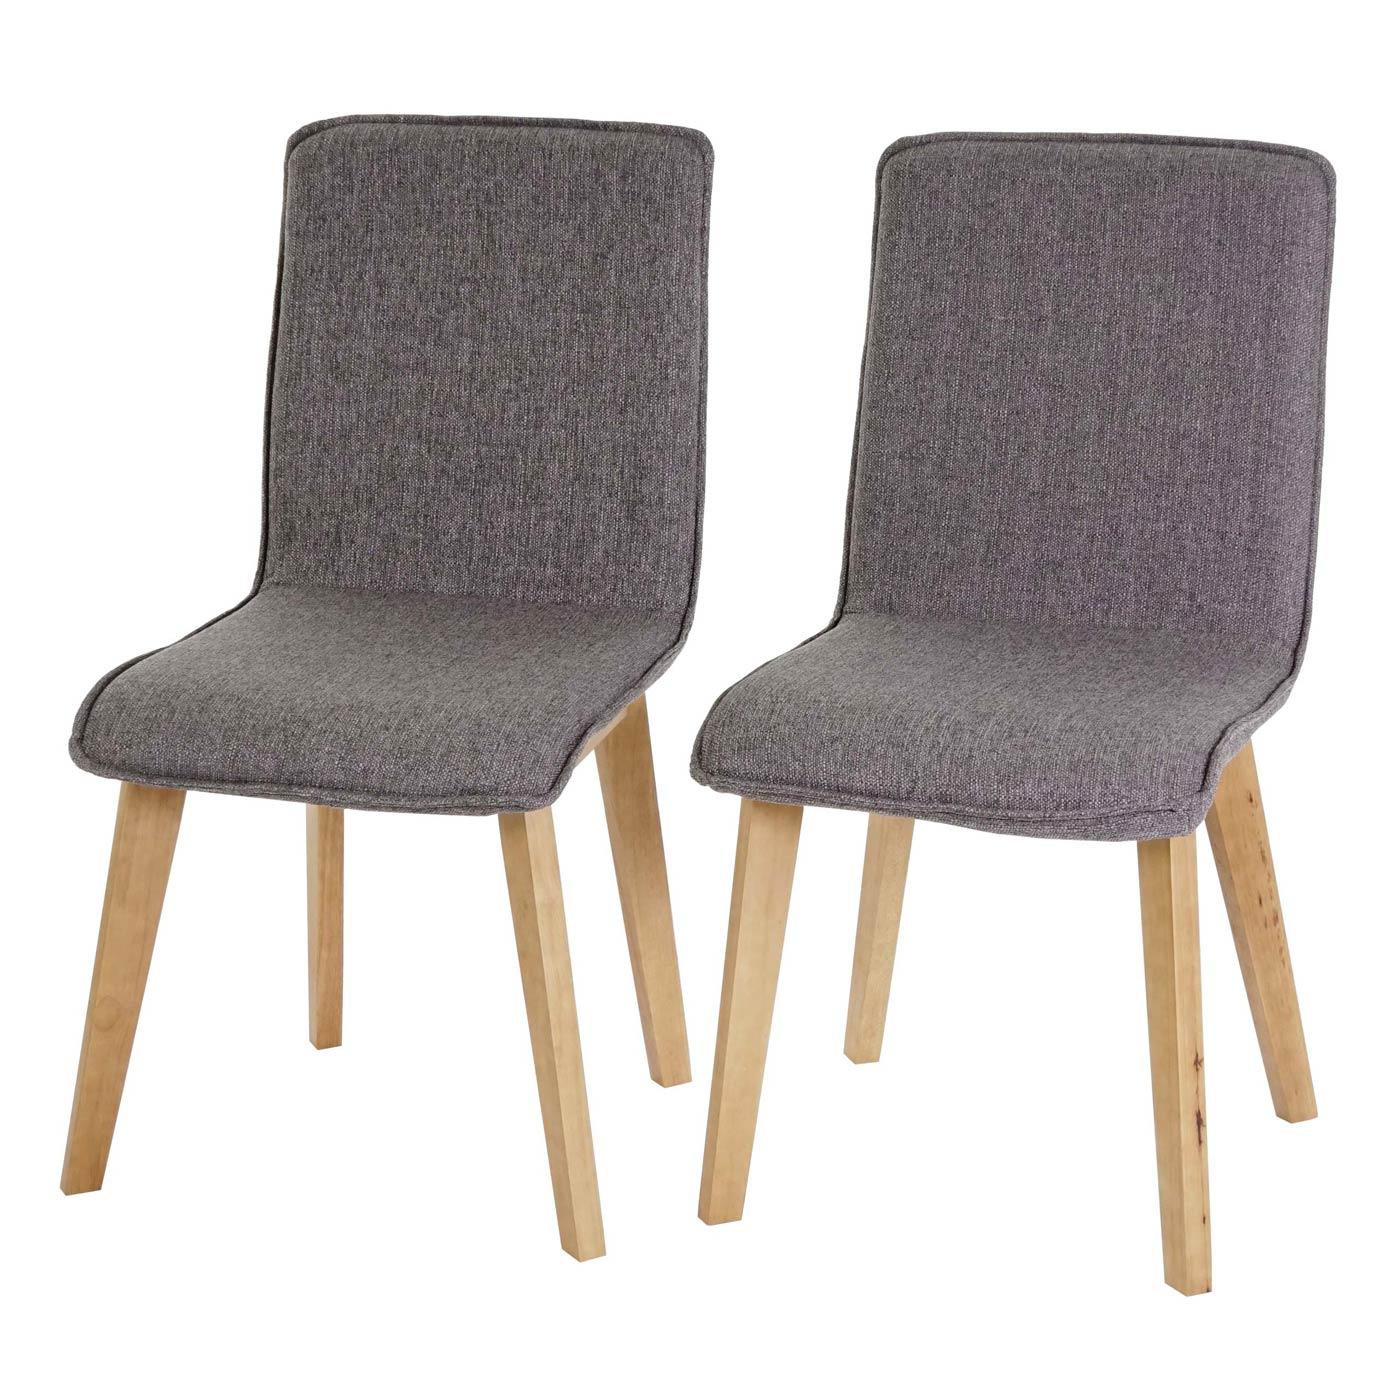 2x esszimmerstuhl zadar stuhl lehnstuhl retro 50er jahre design textil ebay. Black Bedroom Furniture Sets. Home Design Ideas